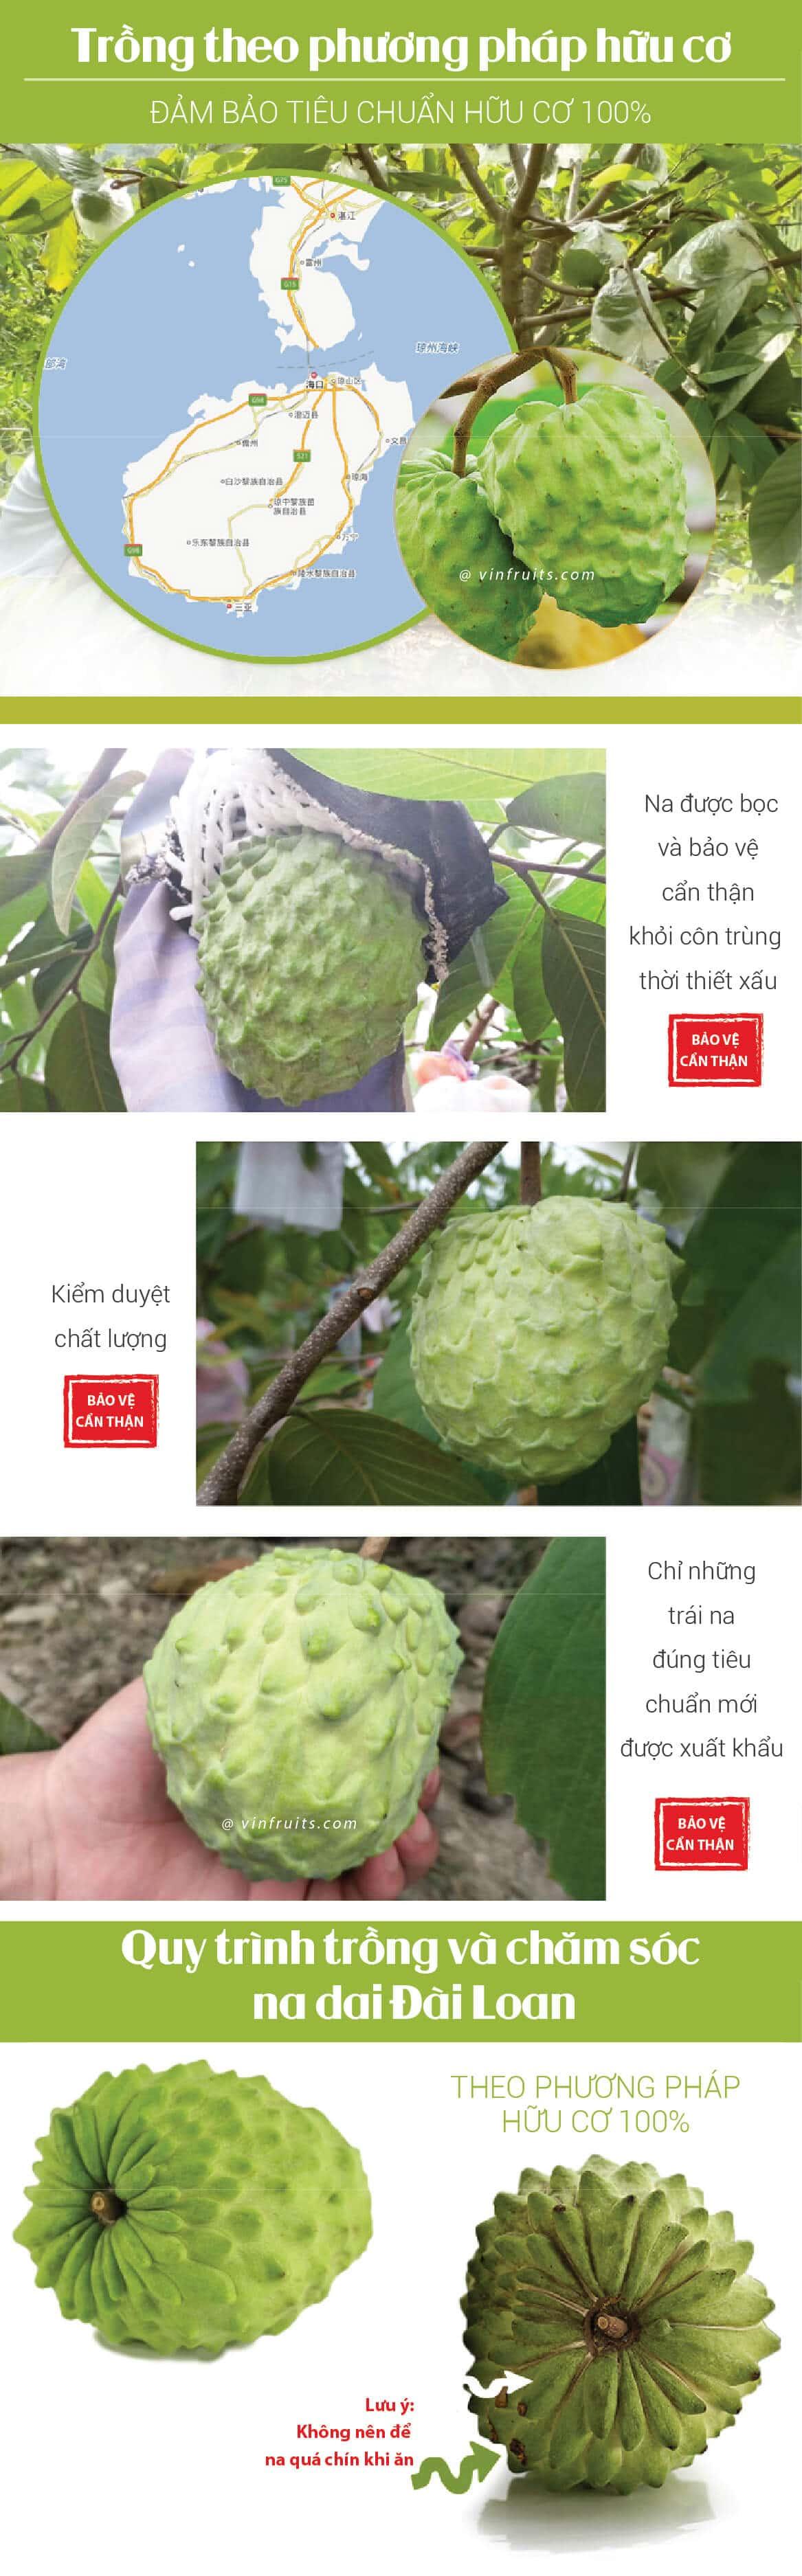 Na dai Dai Loan - vinfruits.com 3